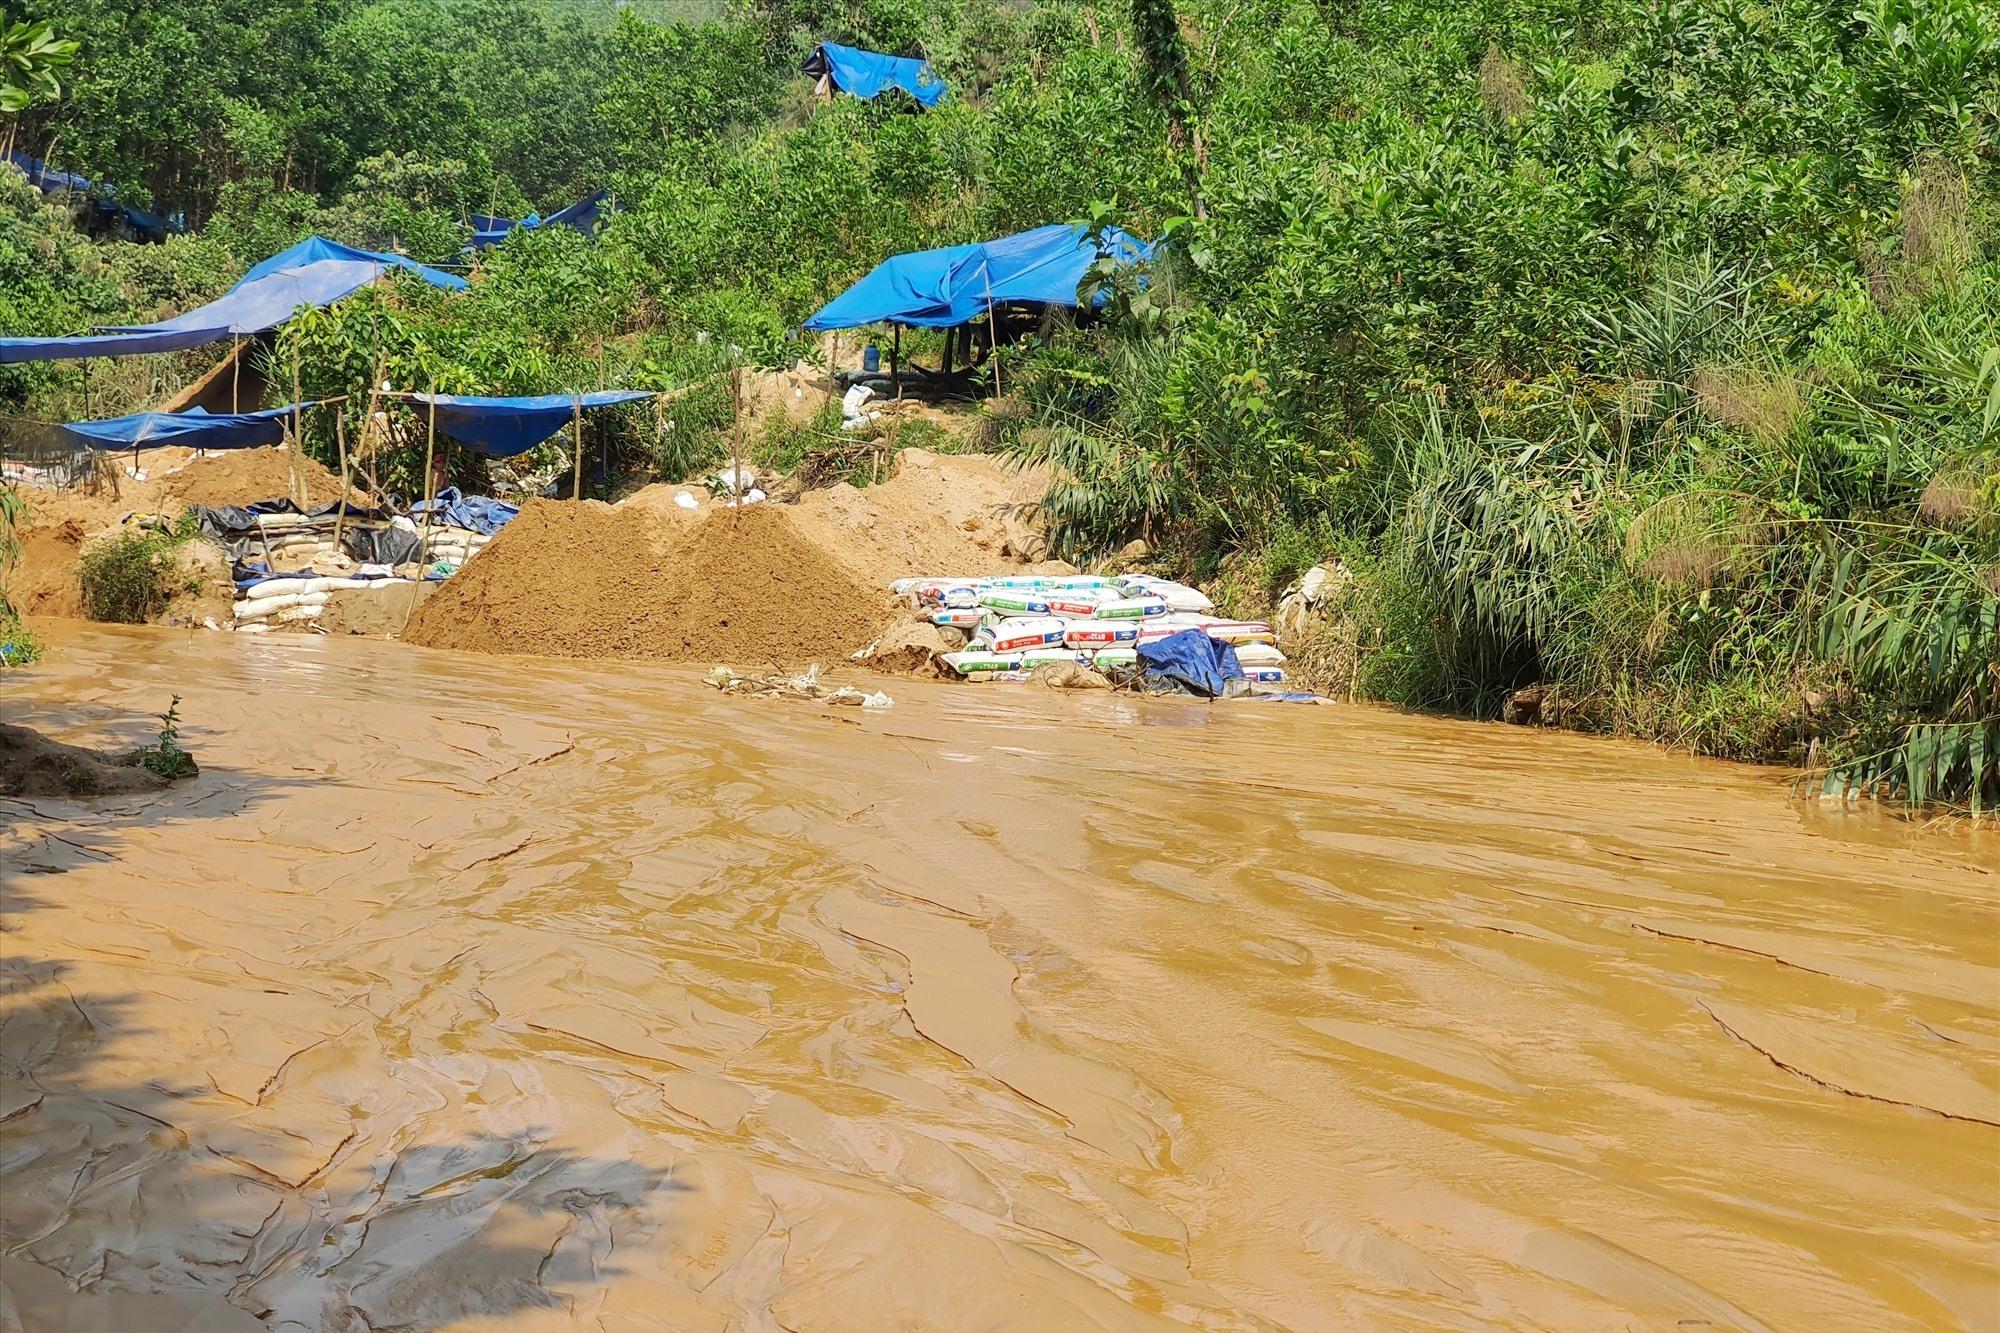 Khai thác vàng trái phép ở mỏ vàng Bồng Miêu gây ô nhiễm môi trường. Ảnh: B.A